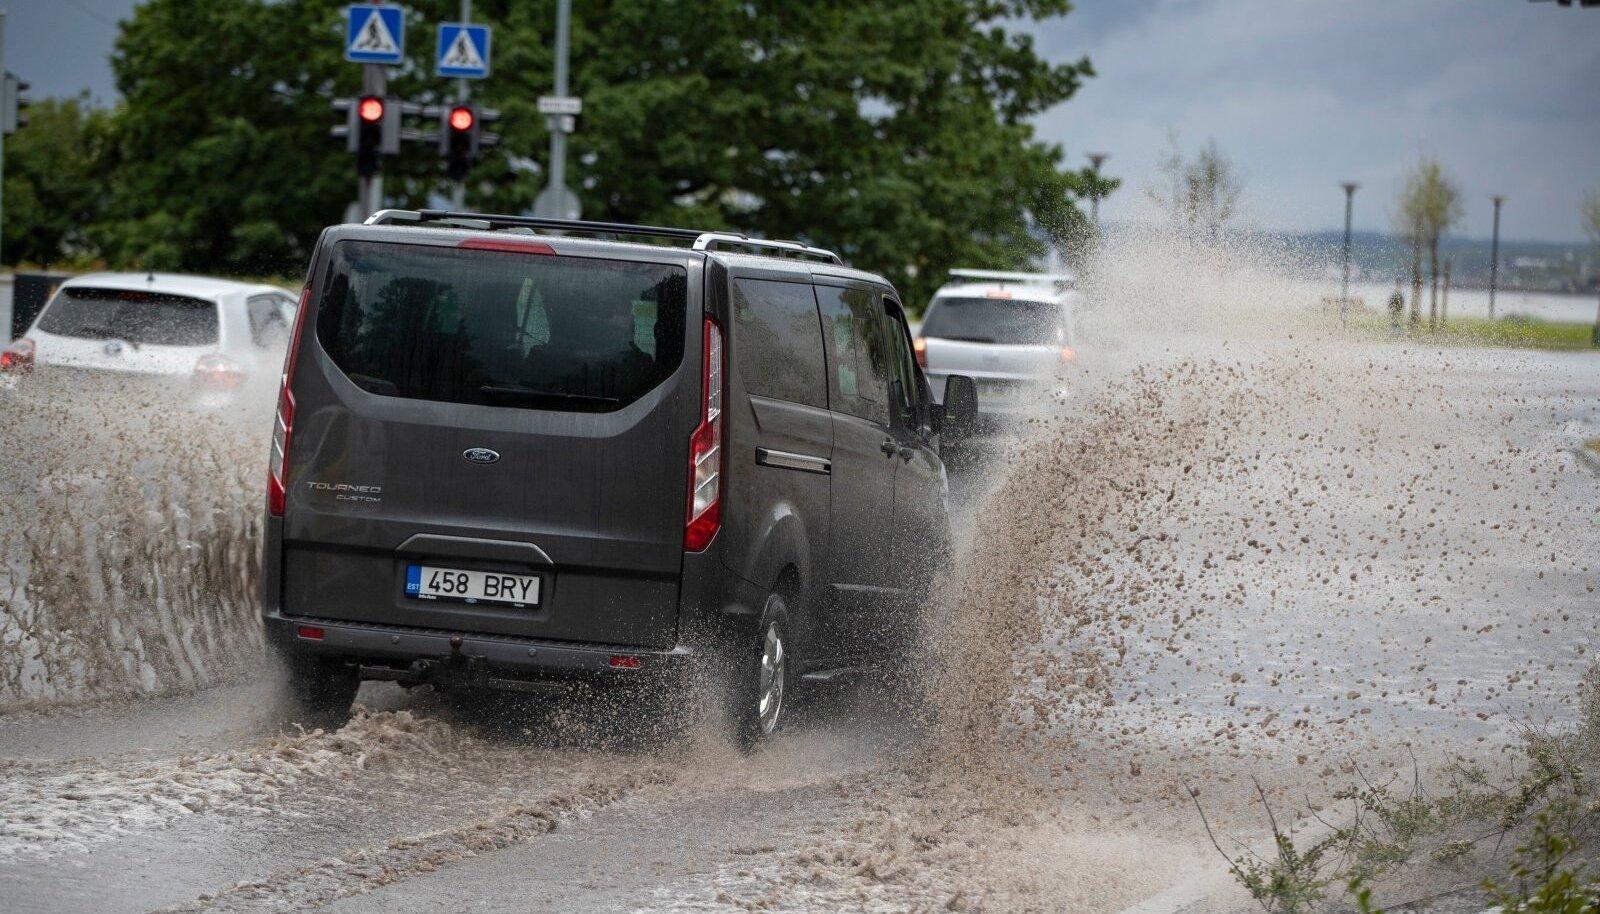 Tuttuuel Reidi teel on ka linlastele nähtavamaid probleeme. Vihmavesi ei voola piisavalt kiiresti ja suurema saju ajal pritsib vett nagu voolikust.